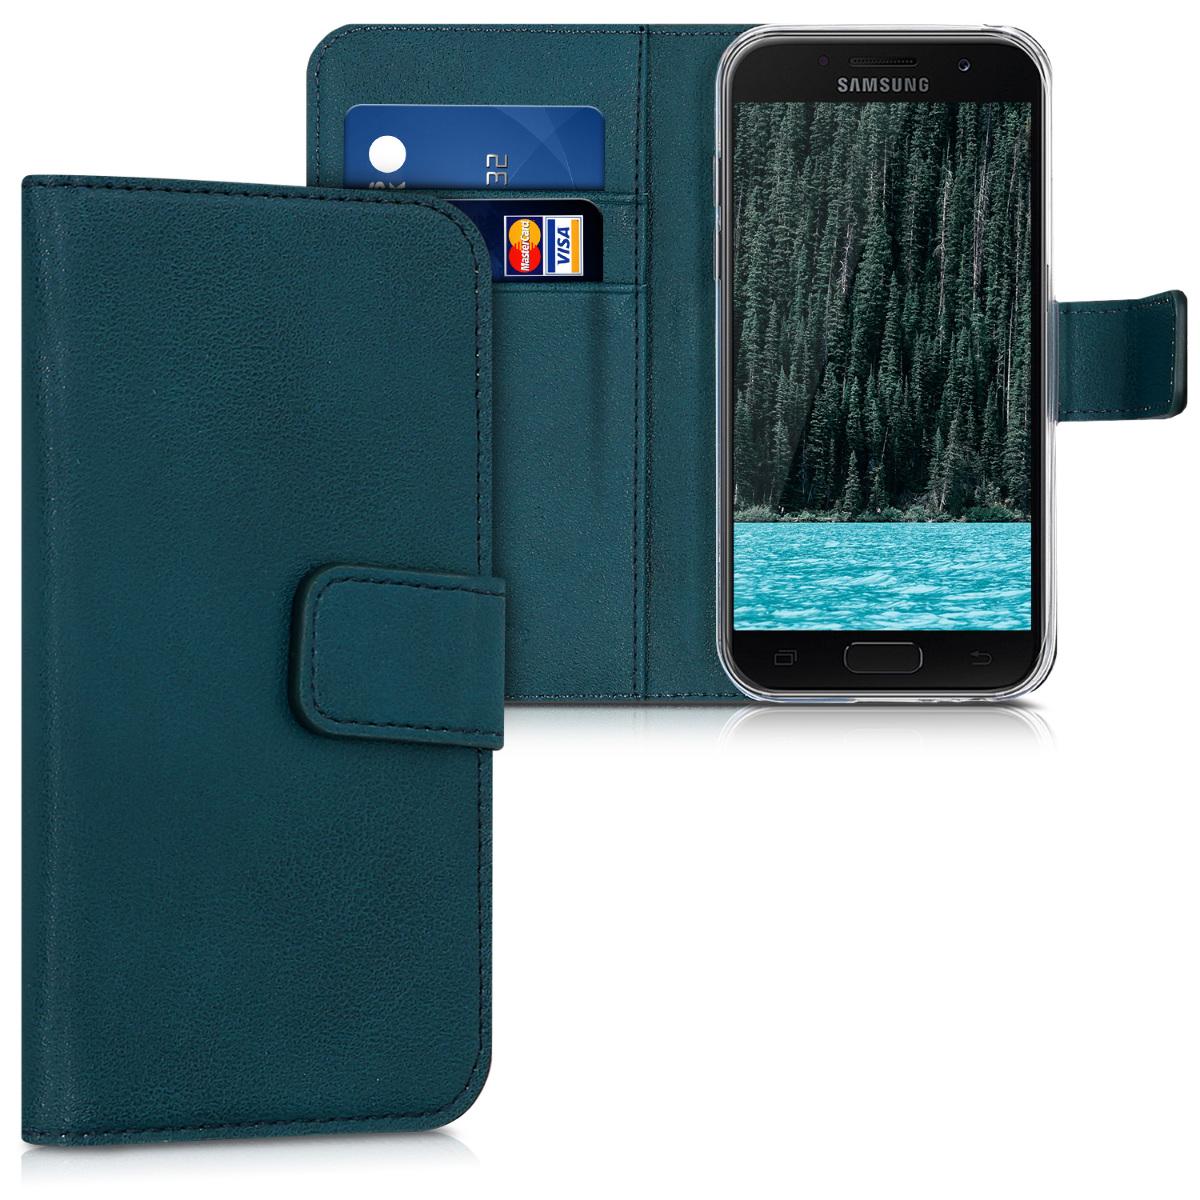 KW Θήκη Πορτοφόλι Samsung Galaxy A3 (2017) -  Petrol (40692.78)